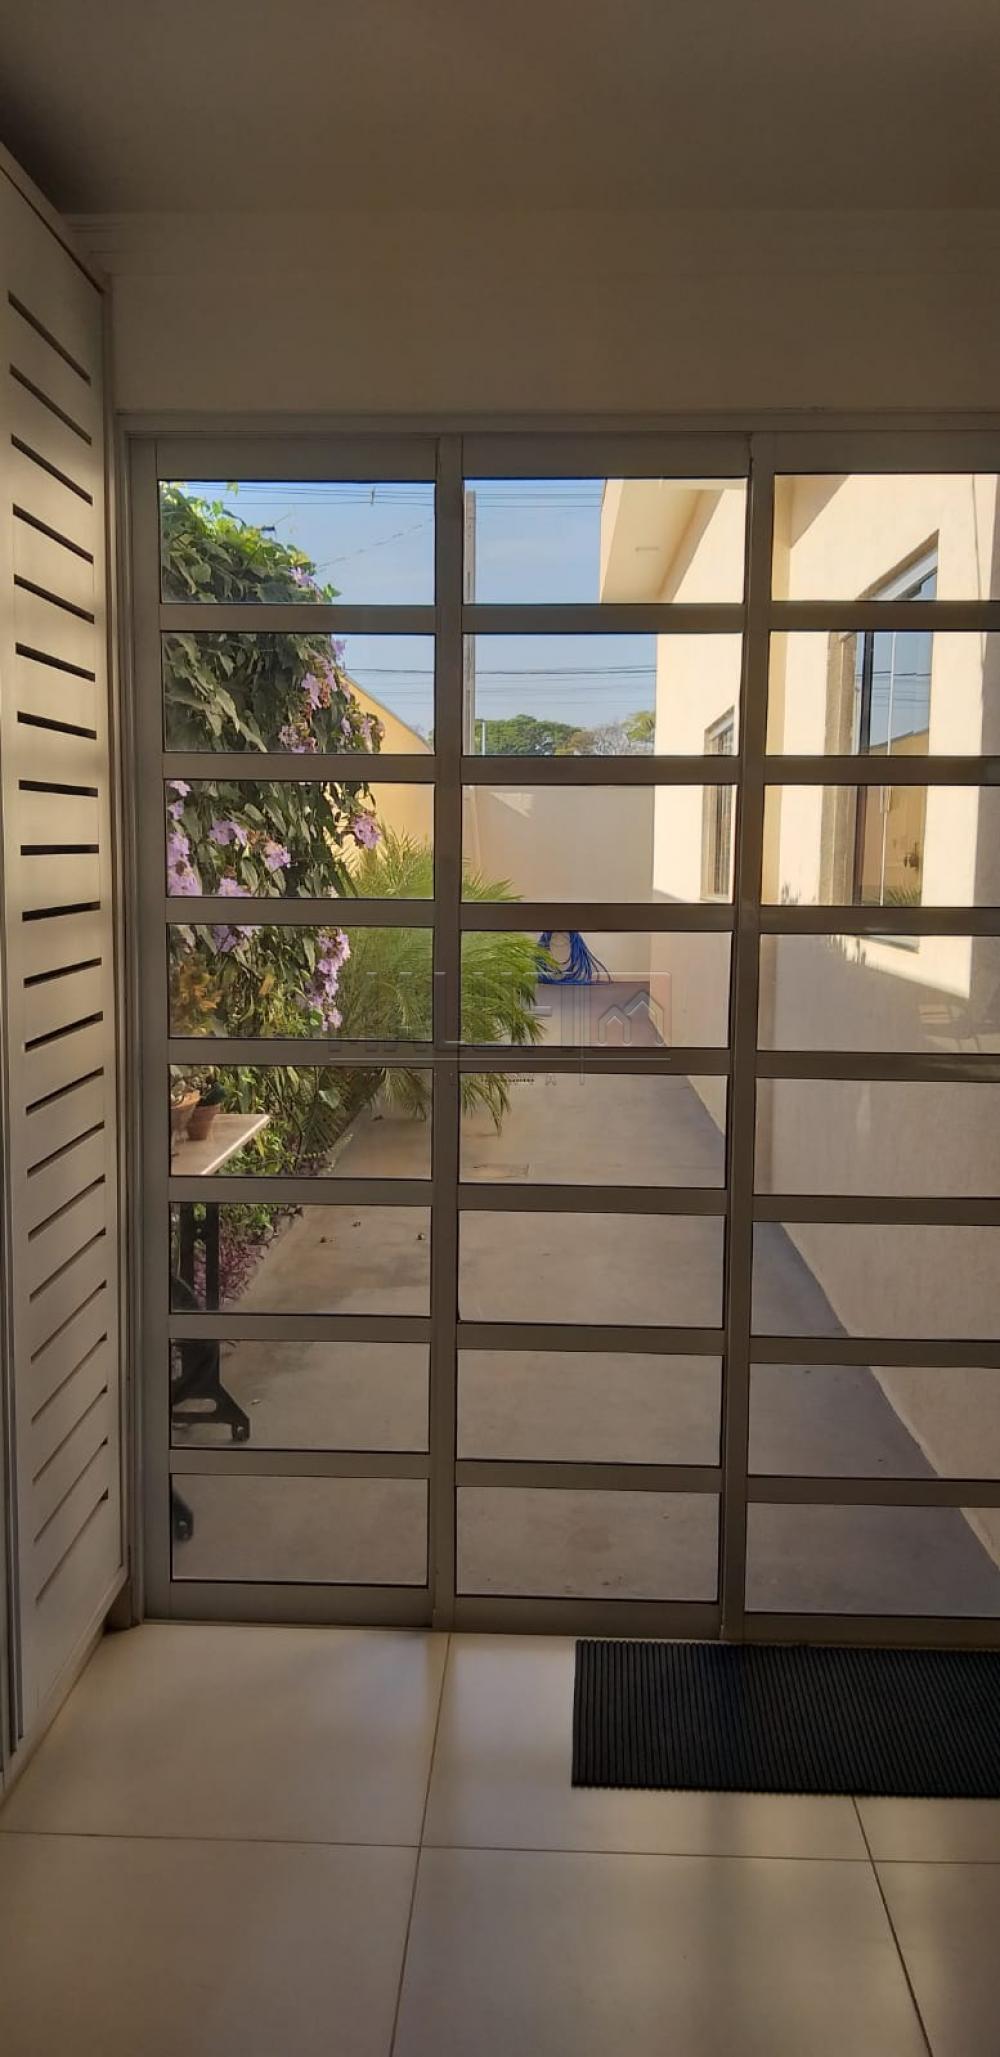 Comprar Casas / Padrão em Olímpia R$ 500.000,00 - Foto 5